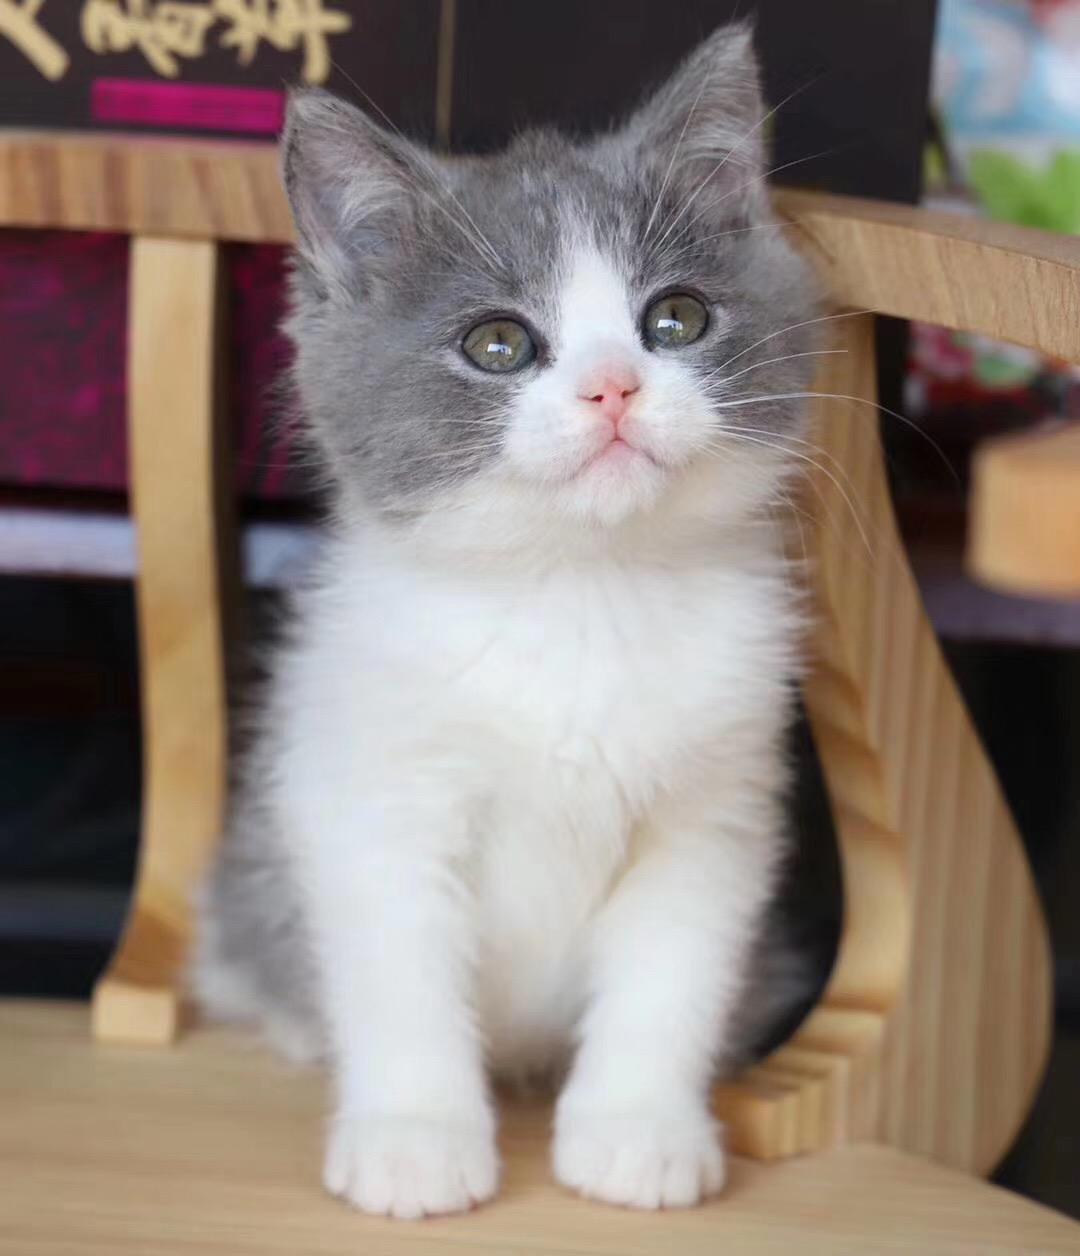 广州英短蓝白猫一只多少钱 广州哪里有卖纯种英短蓝白猫